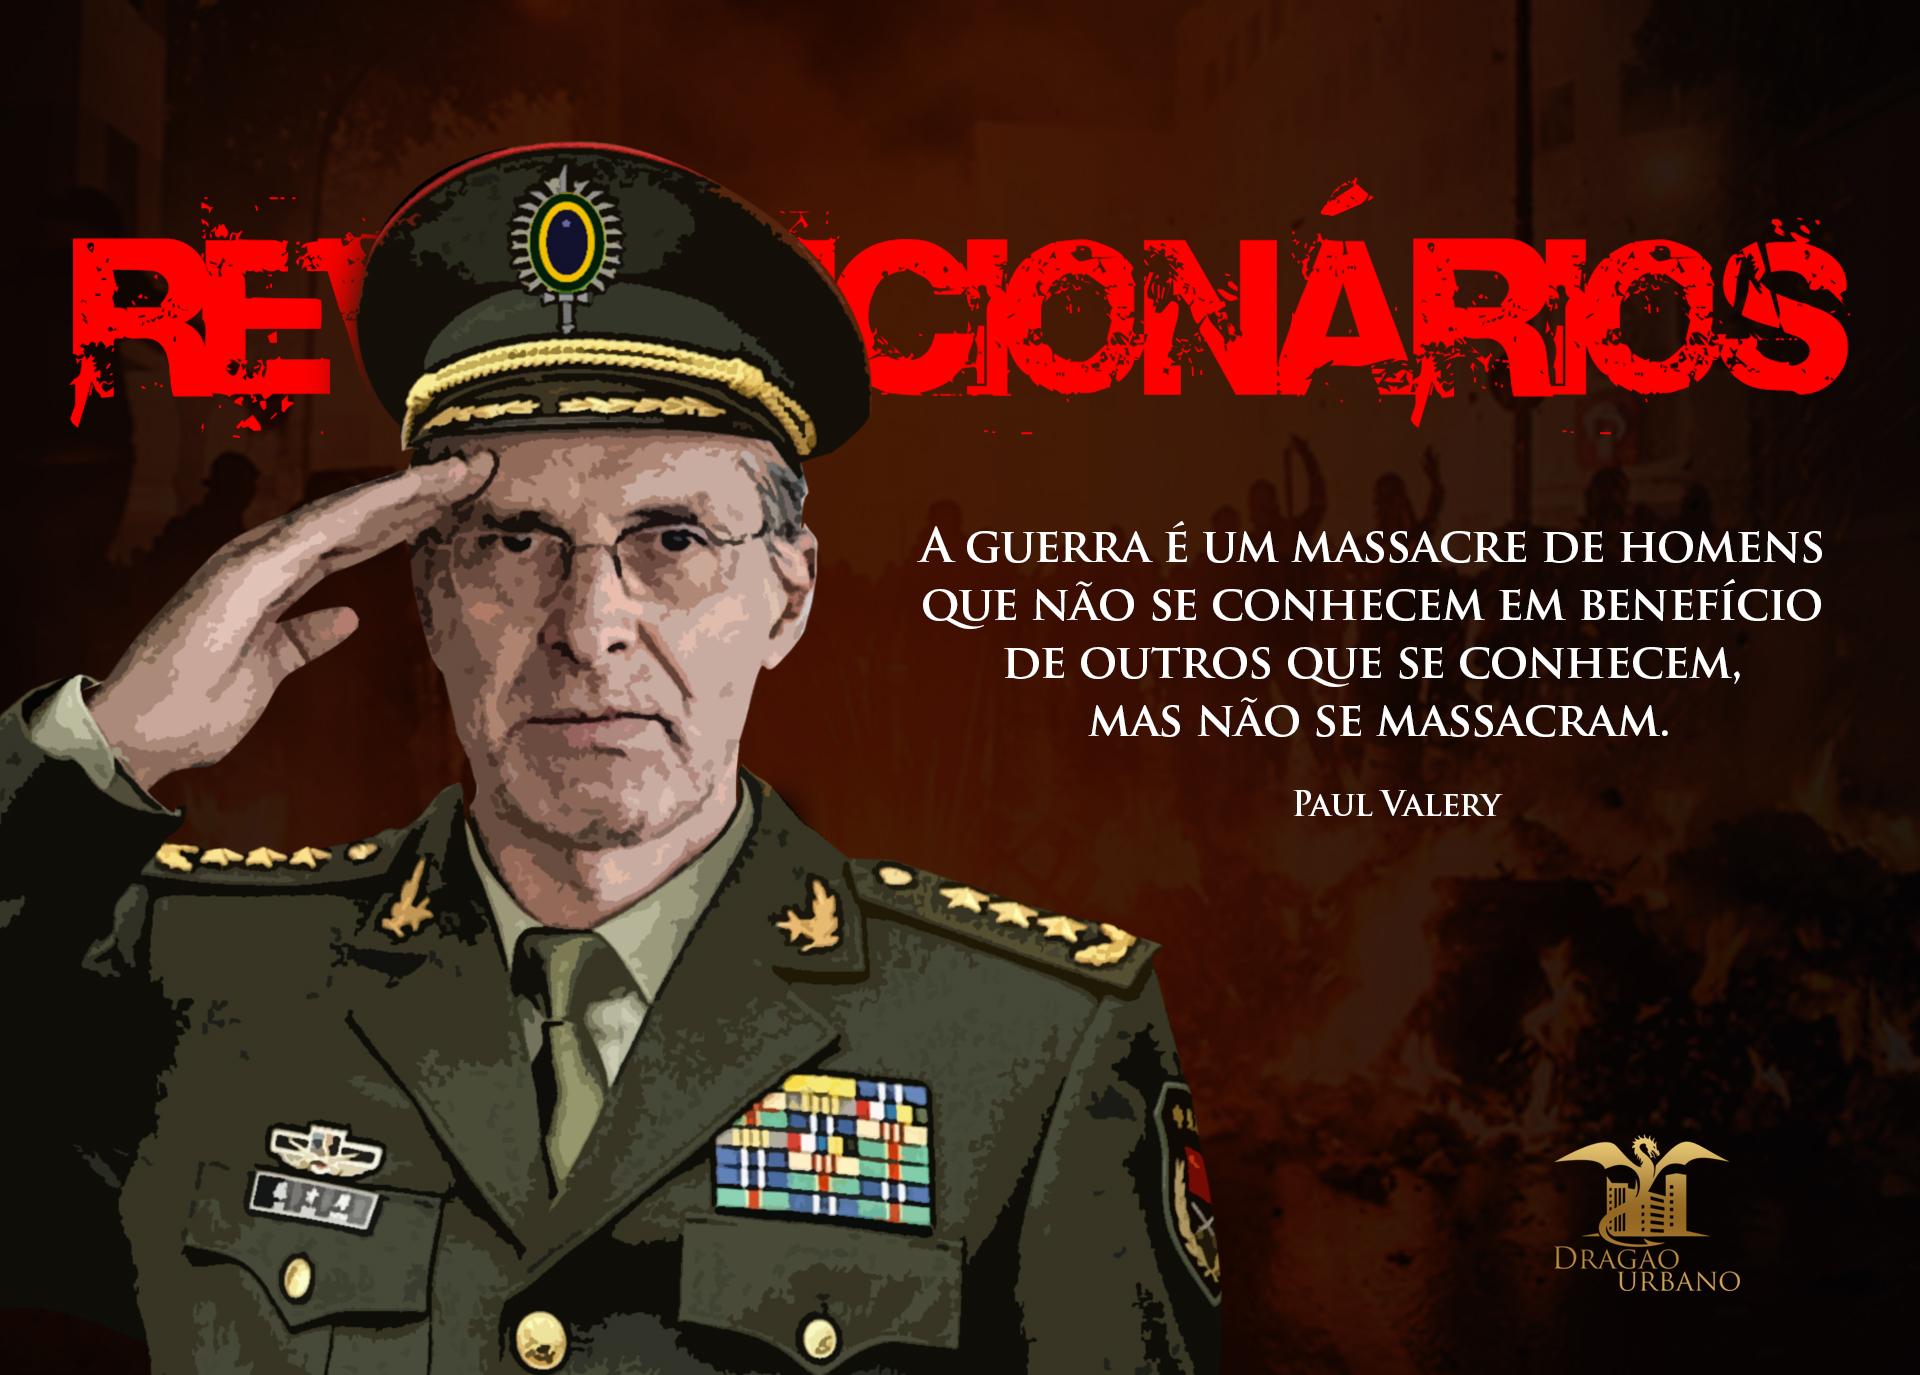 General Vargas